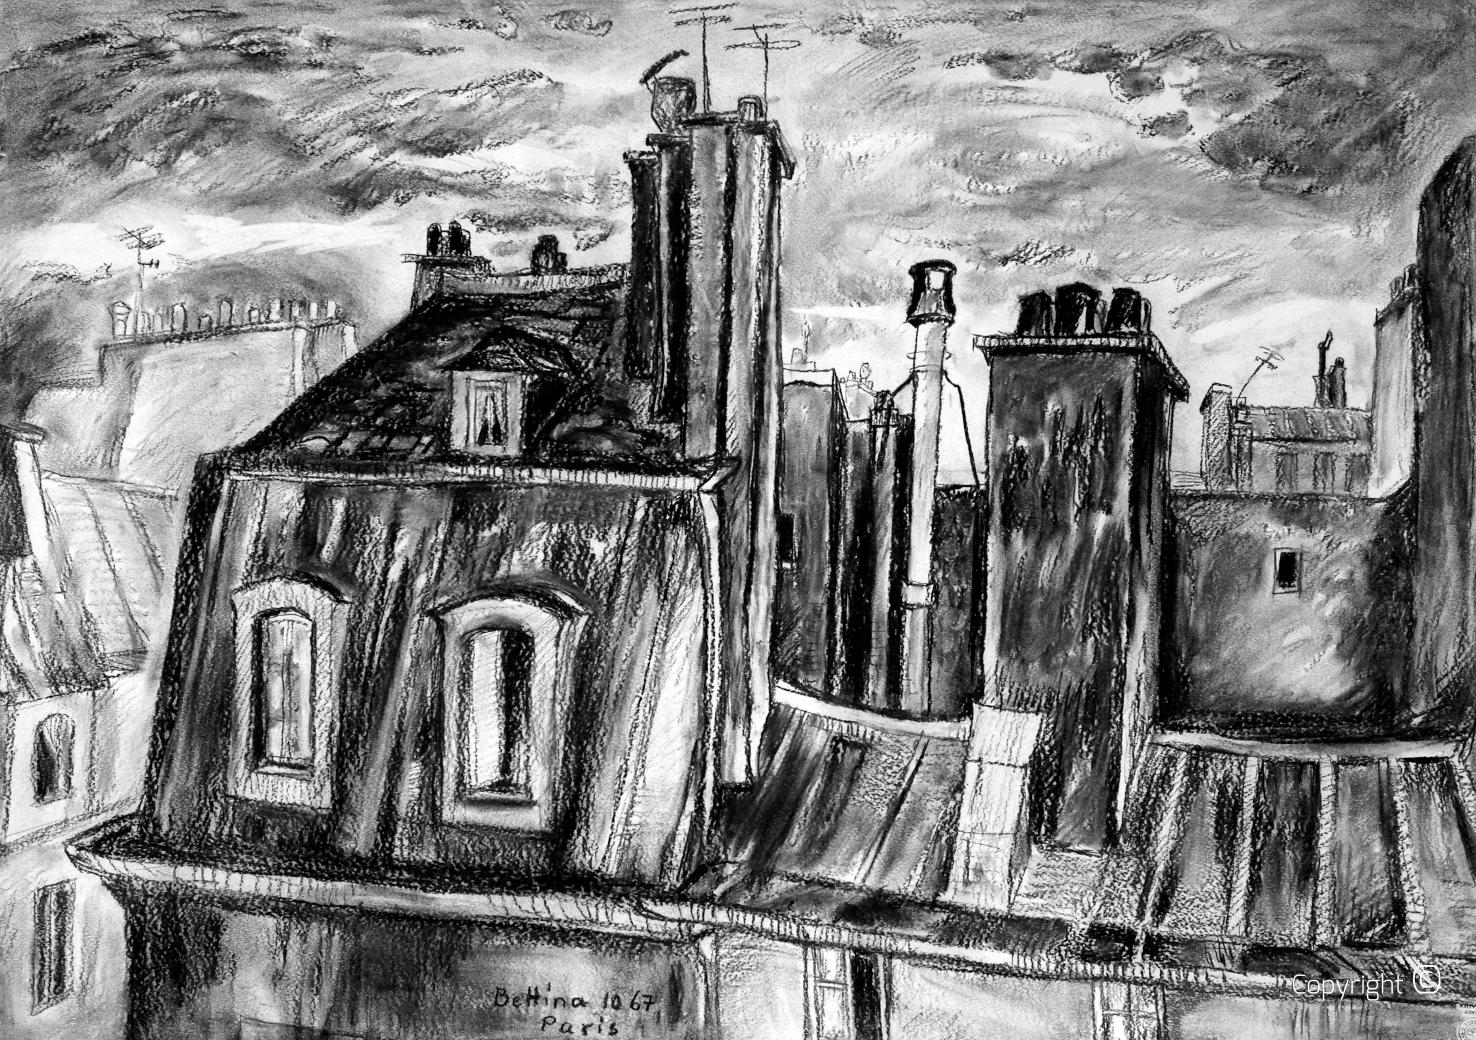 Kohlestudie der Dächer von Paris, 1967